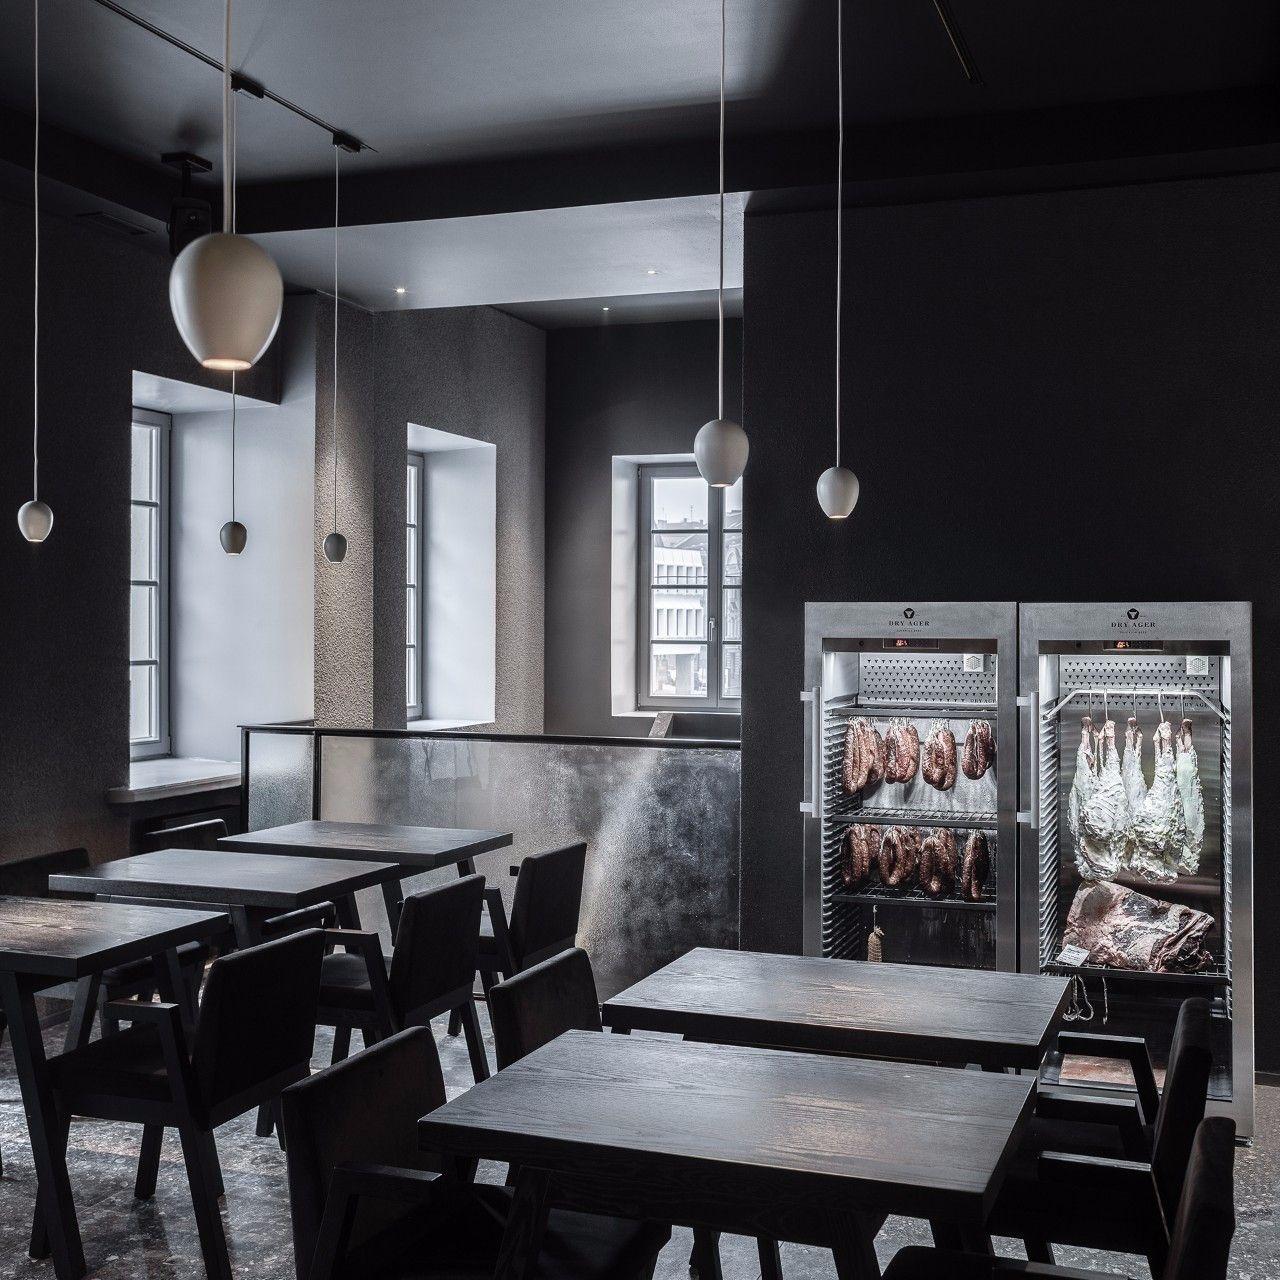 Vilniaus 冷调餐厅